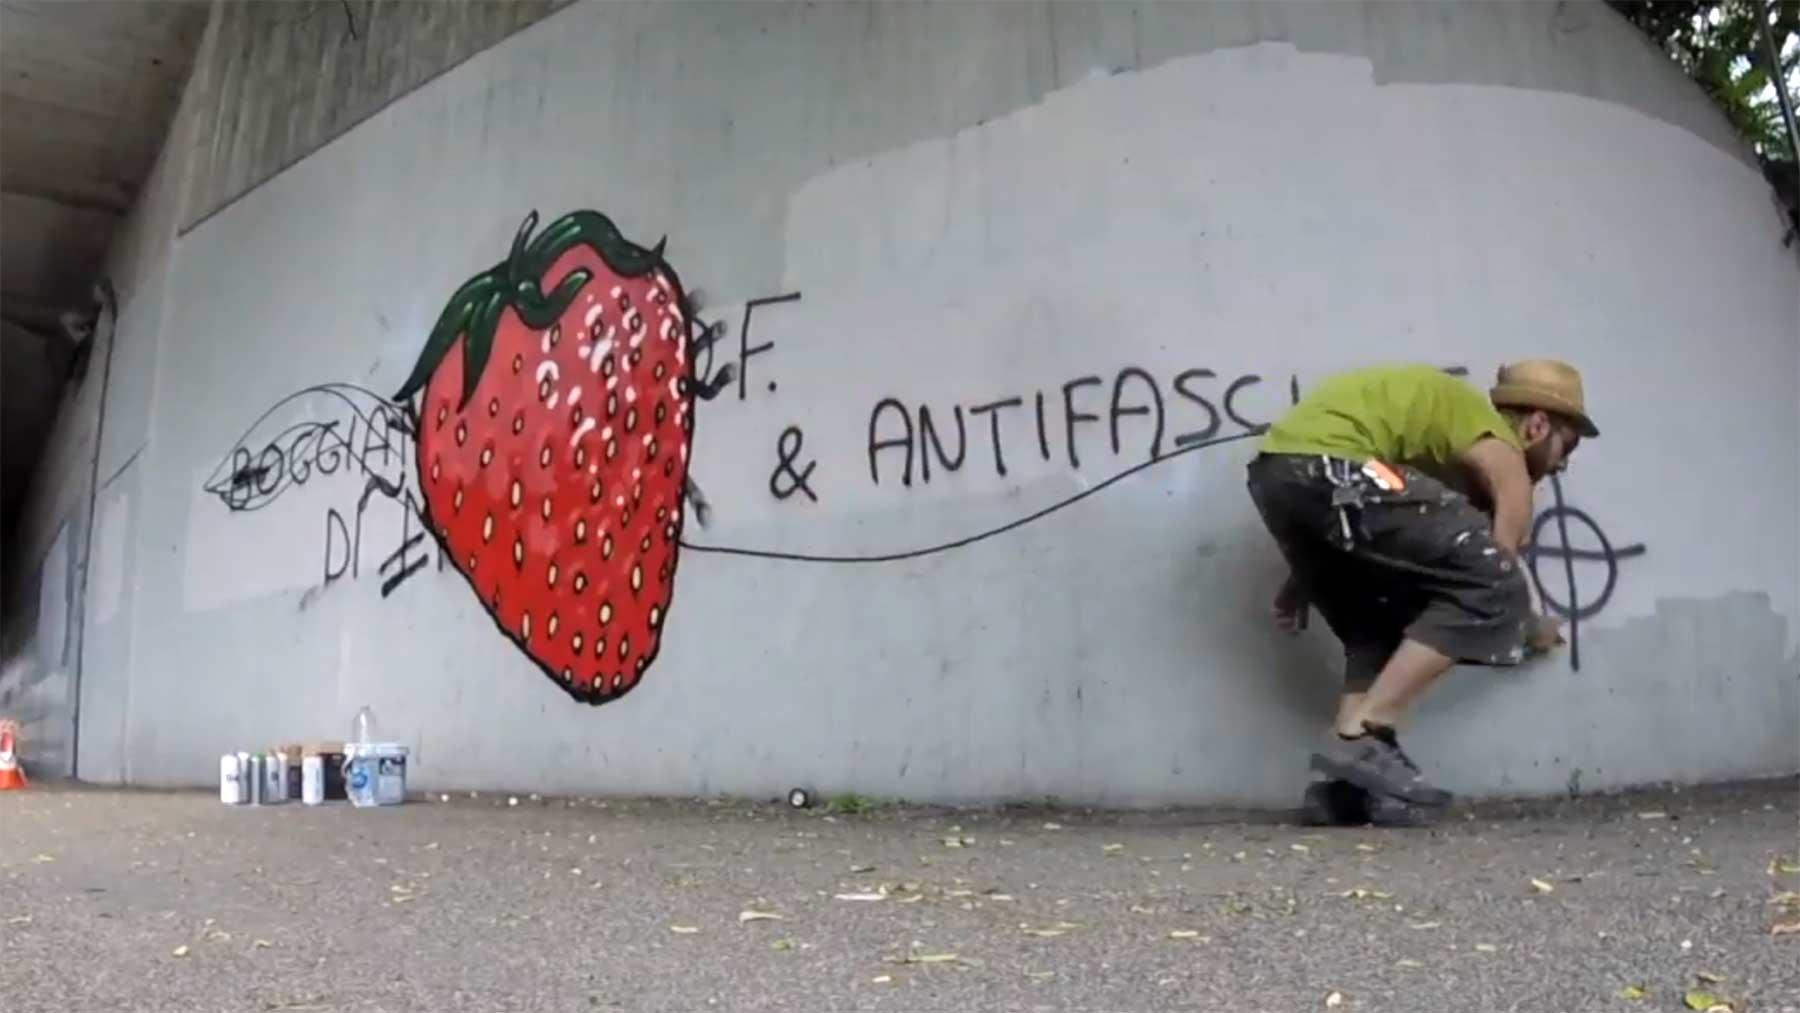 CIBO übersprüht extremistische Schmierereien mit Food-Murals CIBO-graffiti-street-art-ueber-hass-schmierereien